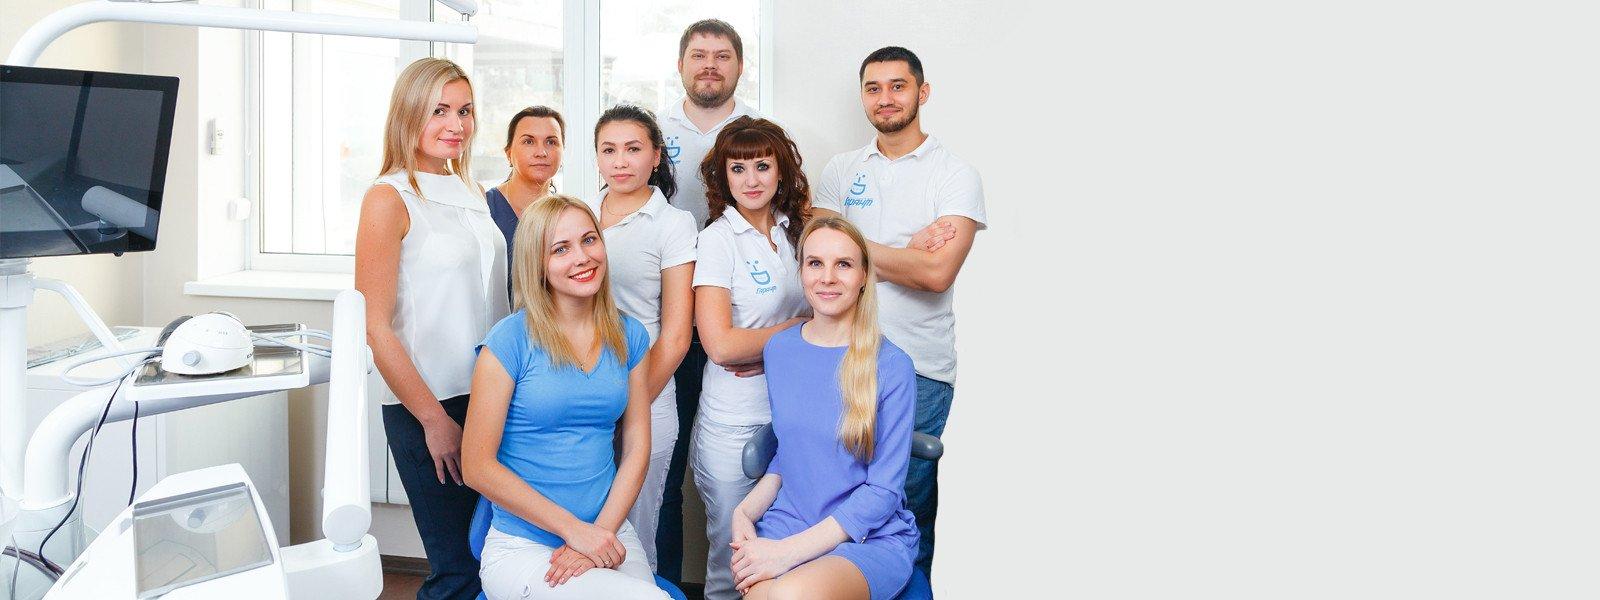 VIP-стоматология – это современное оборудование и опытные стоматологи.